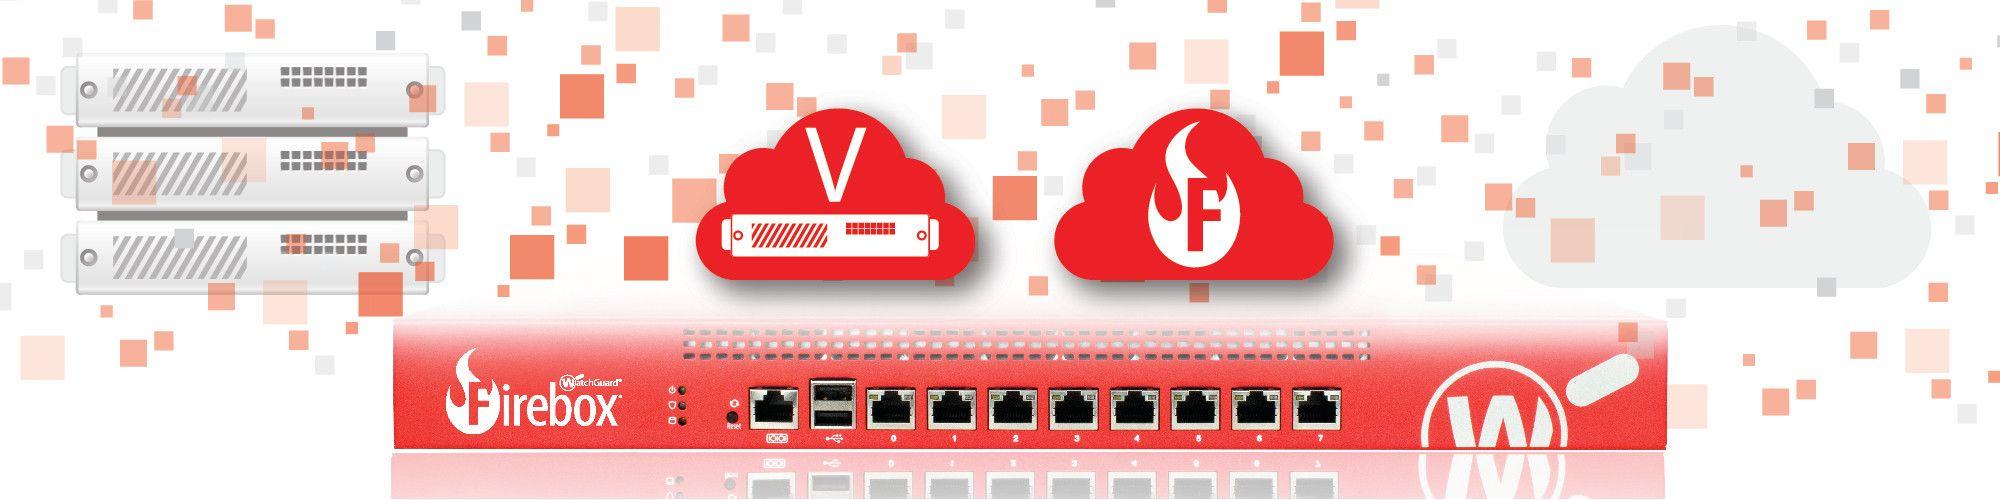 4af065db 511f 40a6 89c5 7d29c300ecc1 - Darmowy pakiet bezpieczeństwa doochrony sieci - netcomplex